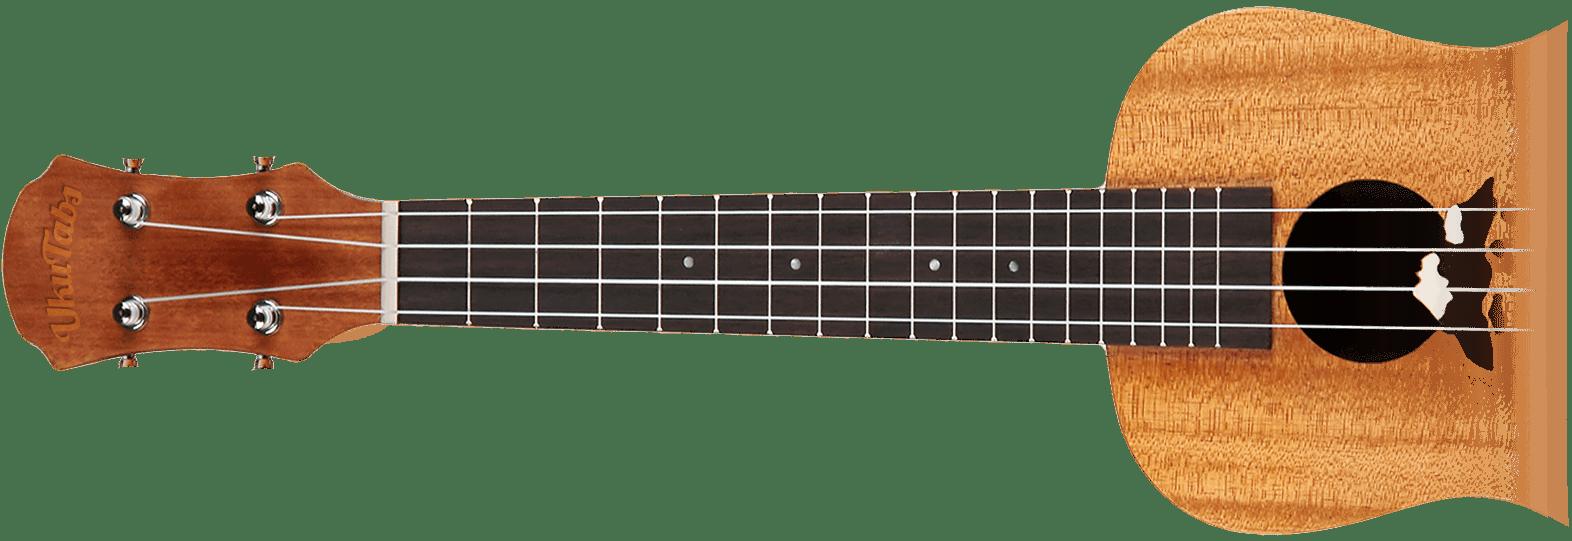 UkuTabs full ukulele